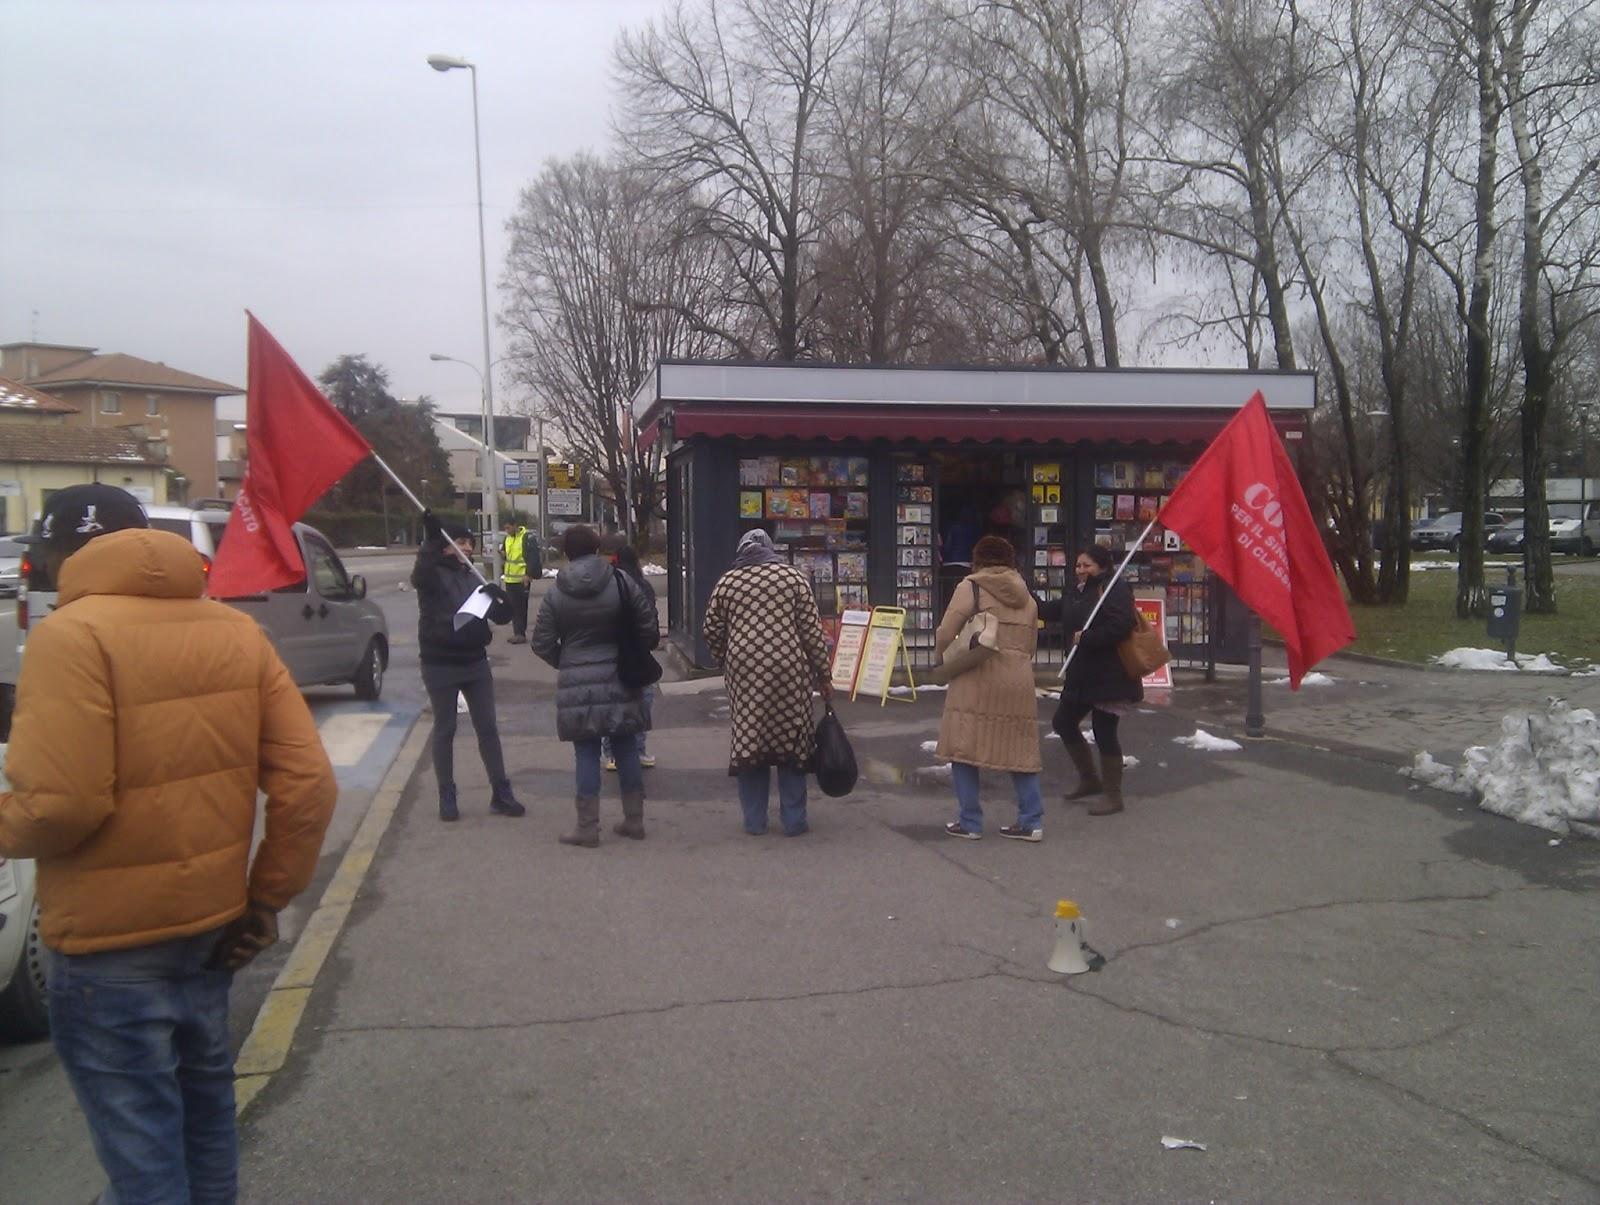 Proletari comunisti pc 2 marzo lavoratrici e lavoratori - Casa di riposo dalmine ...